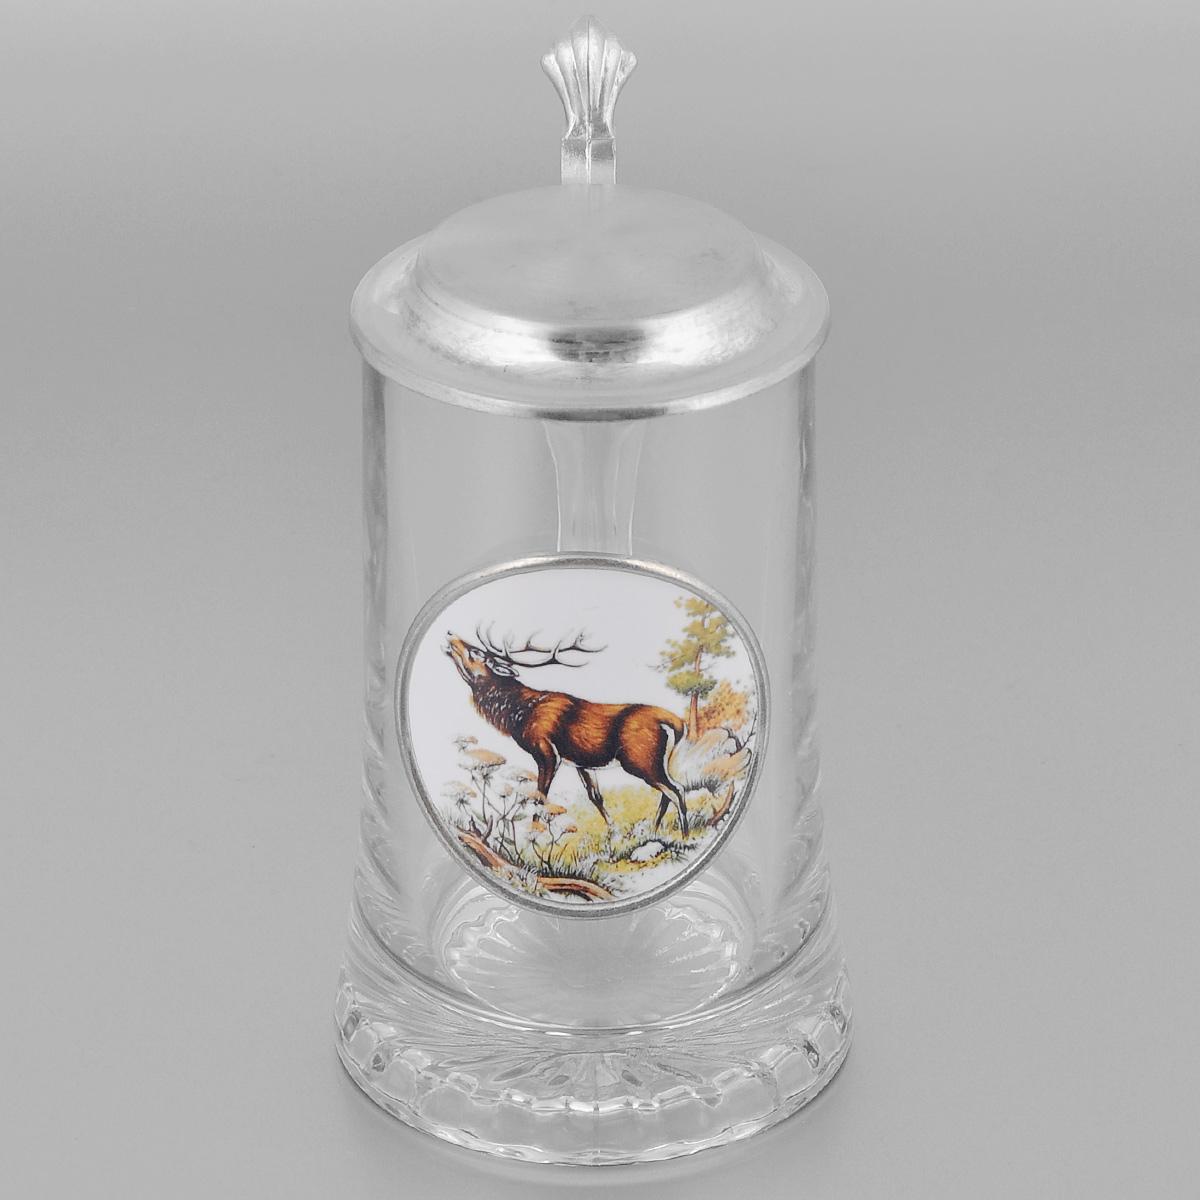 Пивная кружка коллекционная Охота с крышкой, 0,5л. Размер: 18см55143